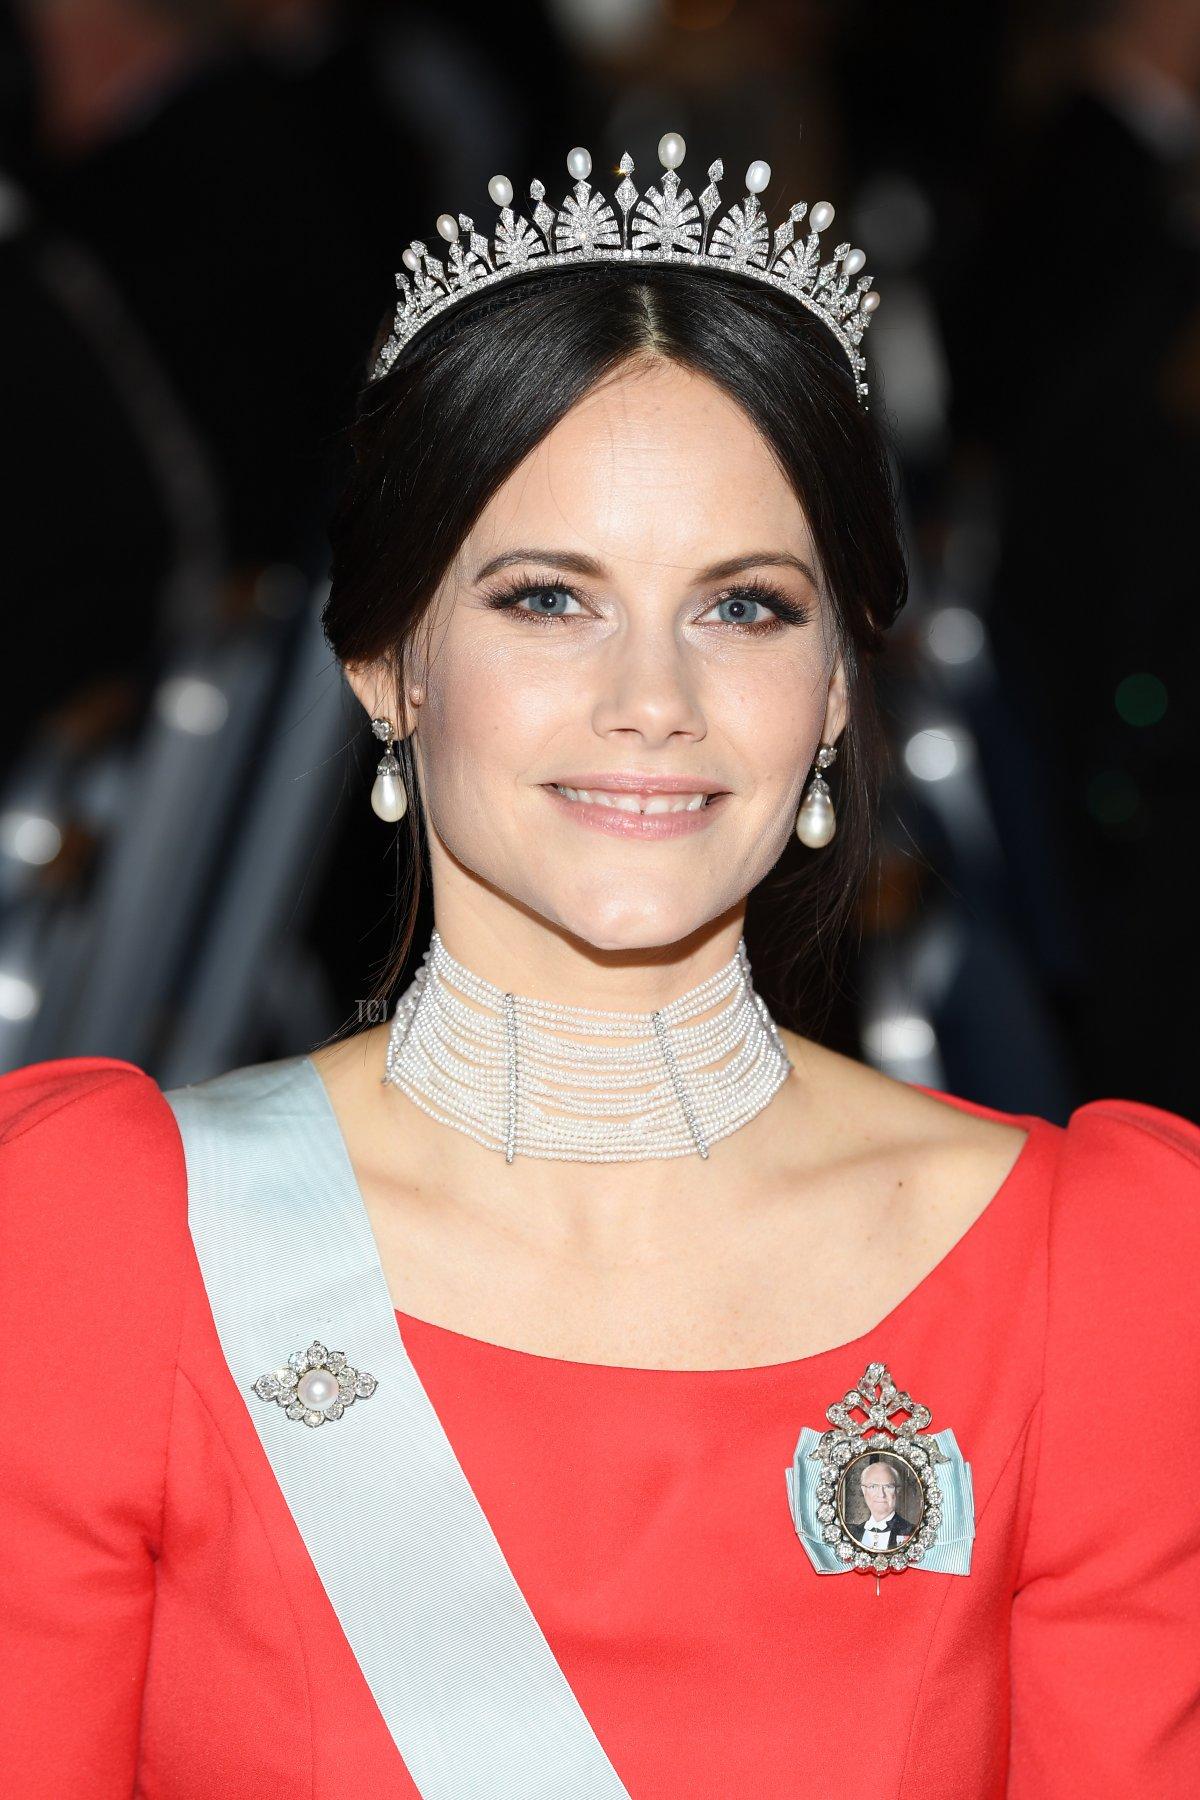 Princess Sofia of Sweden attend the Nobel Prize Banquet 2018 at City Hall on December 10, 2018 in Stockholm, Sweden